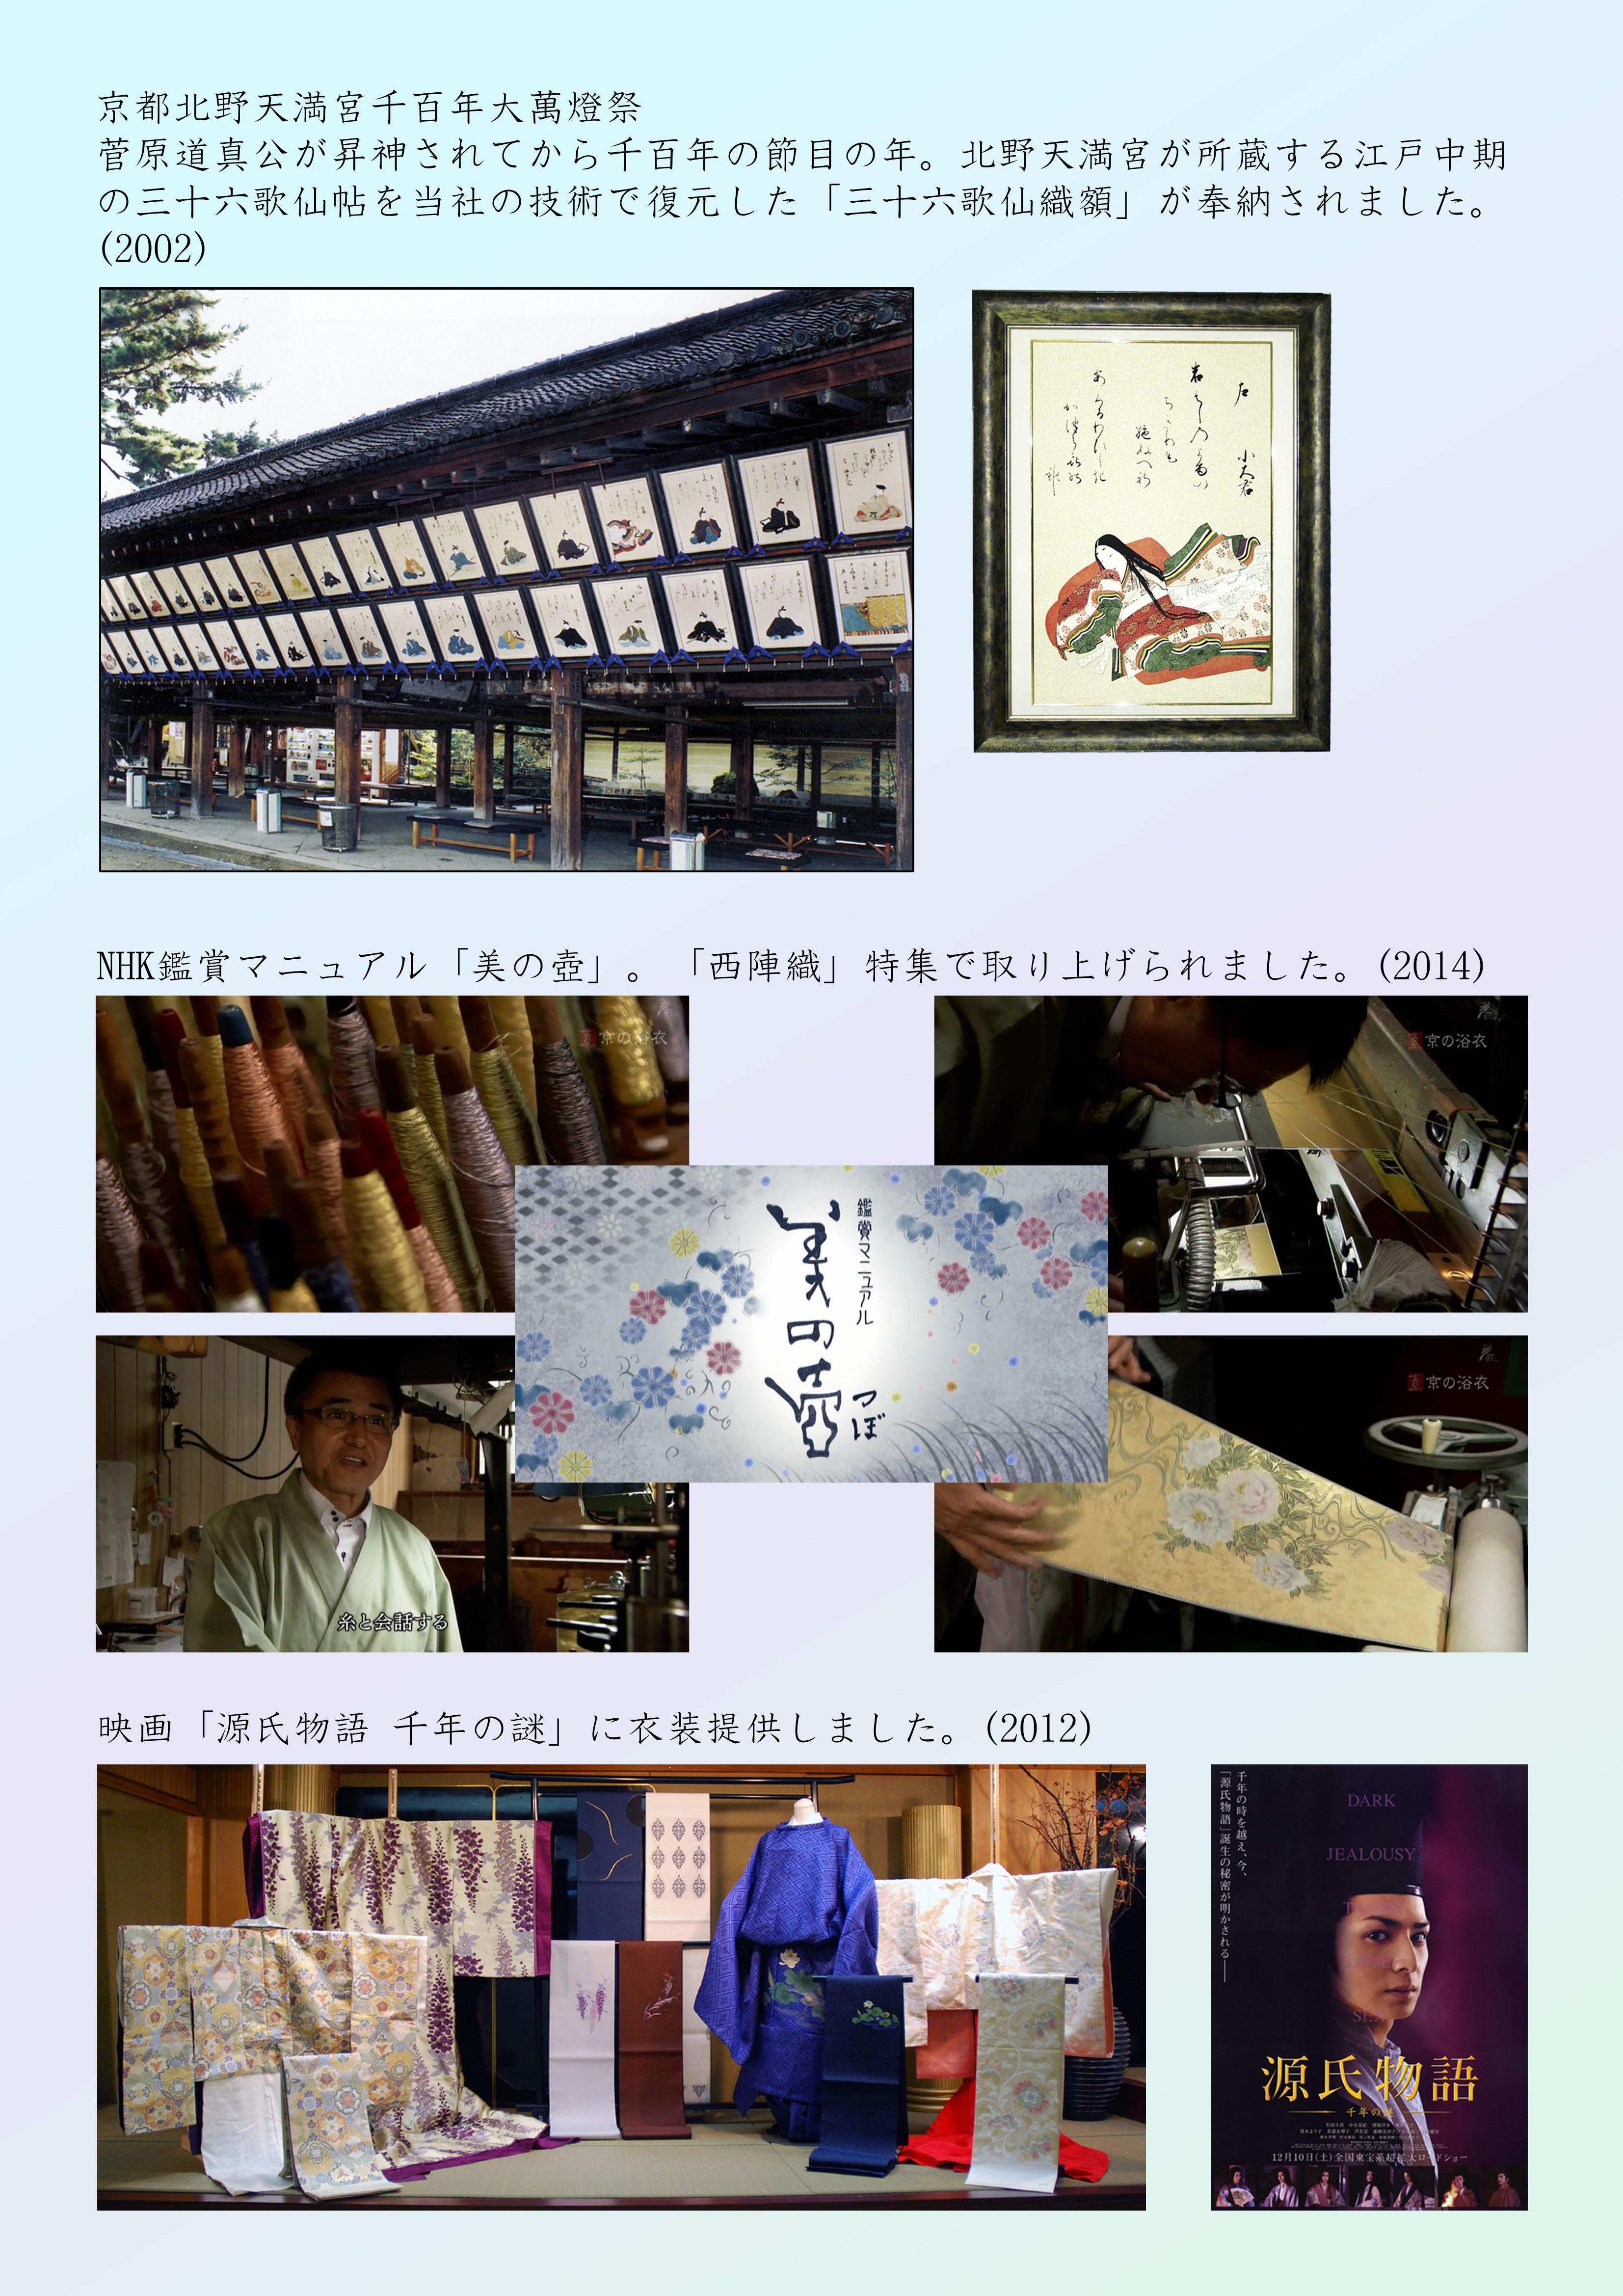 tomiya-obi orimono Nishijin Kyoto Ikoma Nara Obi Kimono Yamaguchi